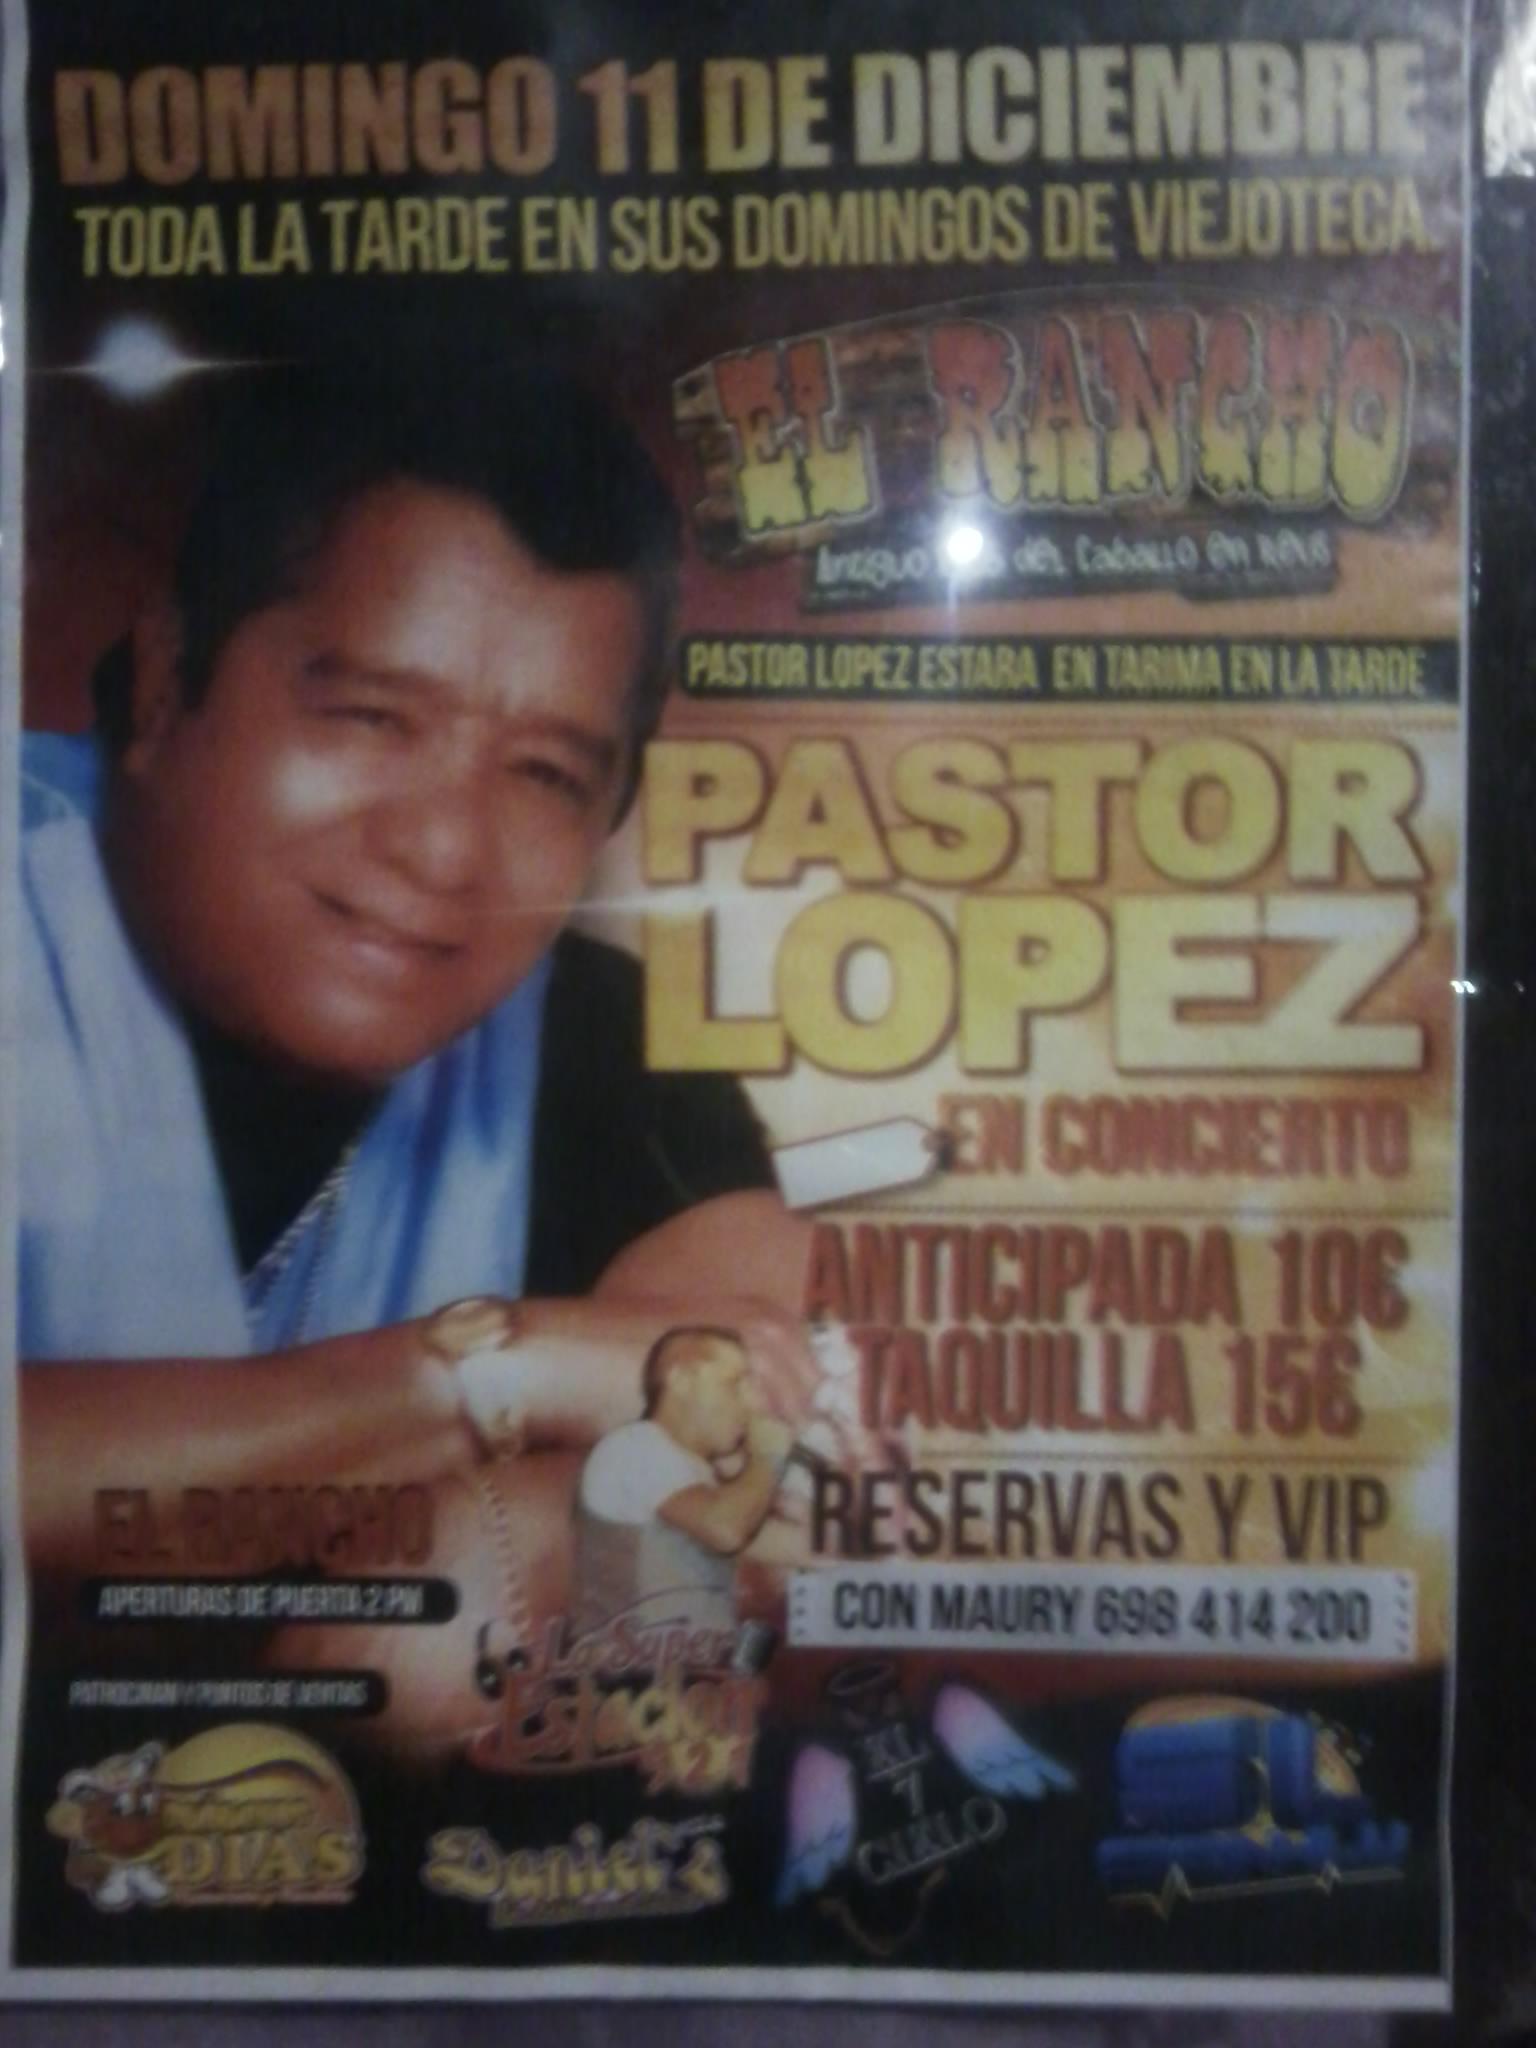 Pastor López - Amigo